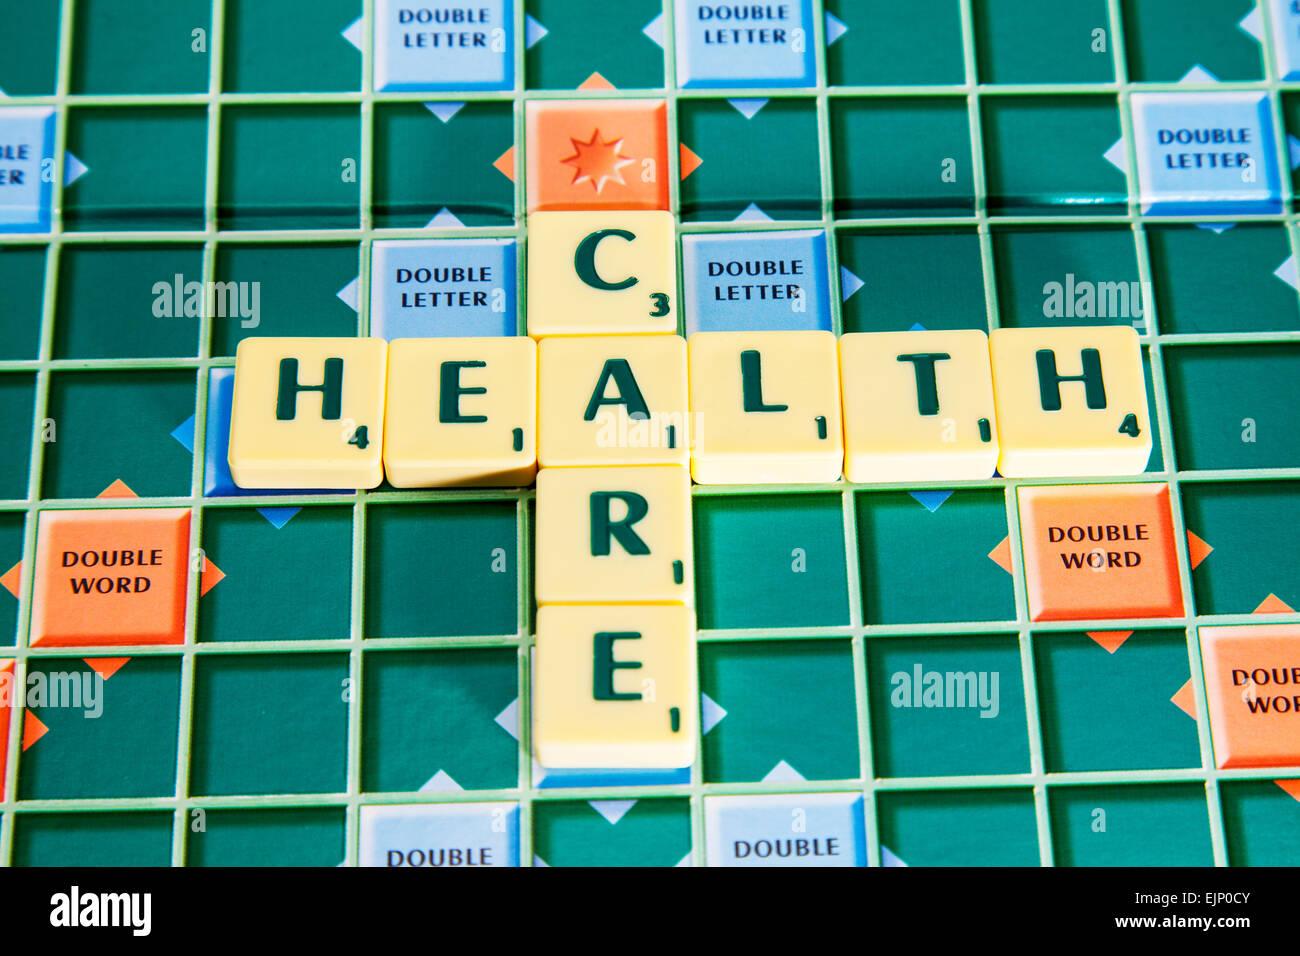 Health care nhs hospital ospedali medici parole utilizzando le